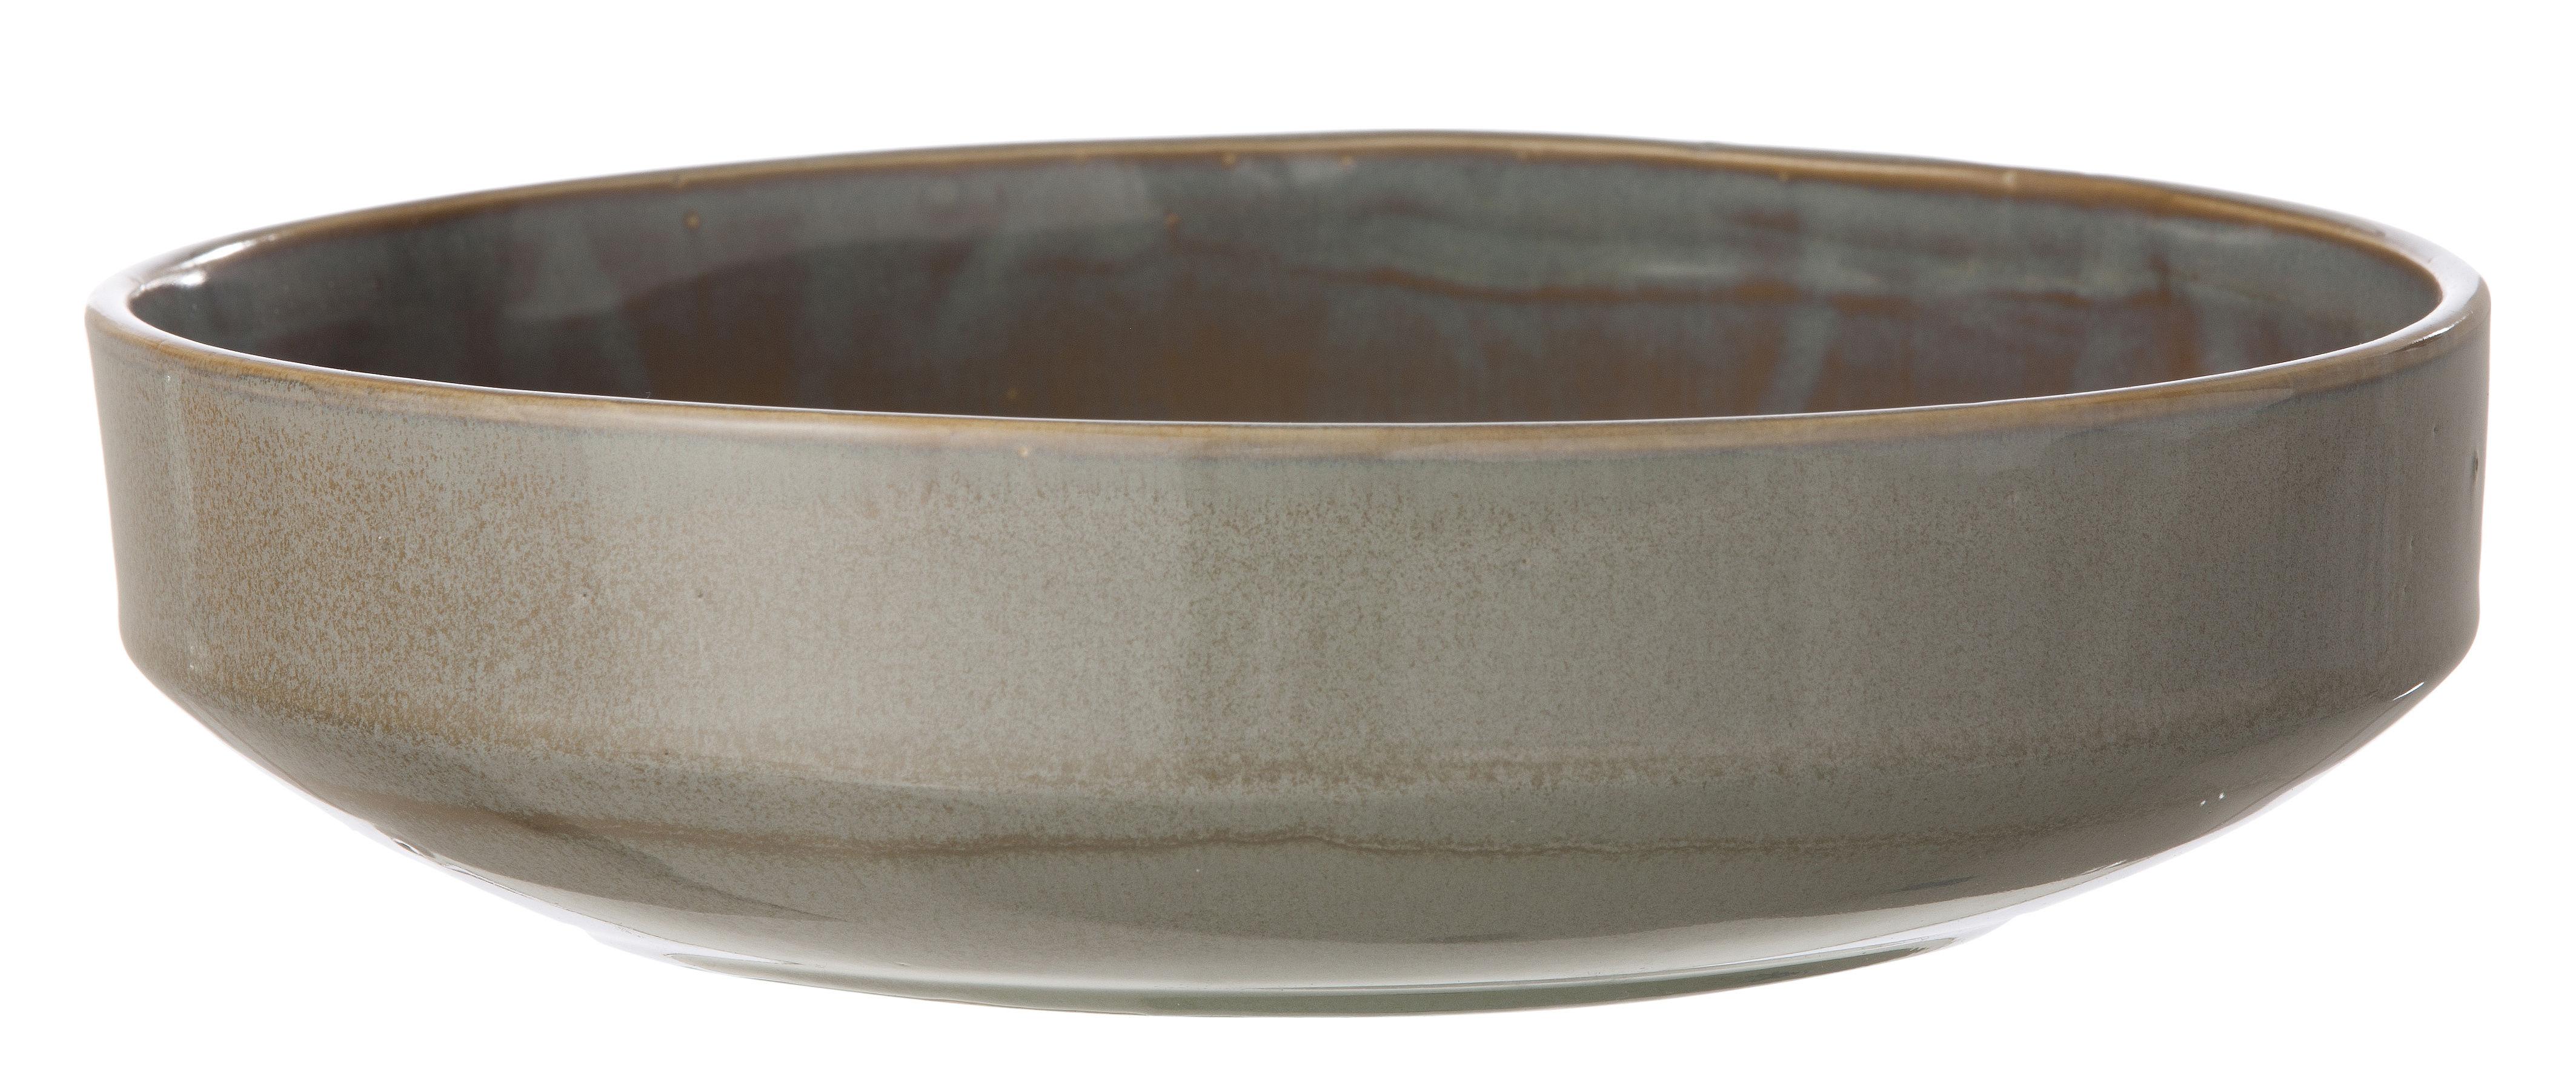 Tavola - Ciotole - Insalatiera Neu di Ferm Living - Grigio - Ceramica smaltata